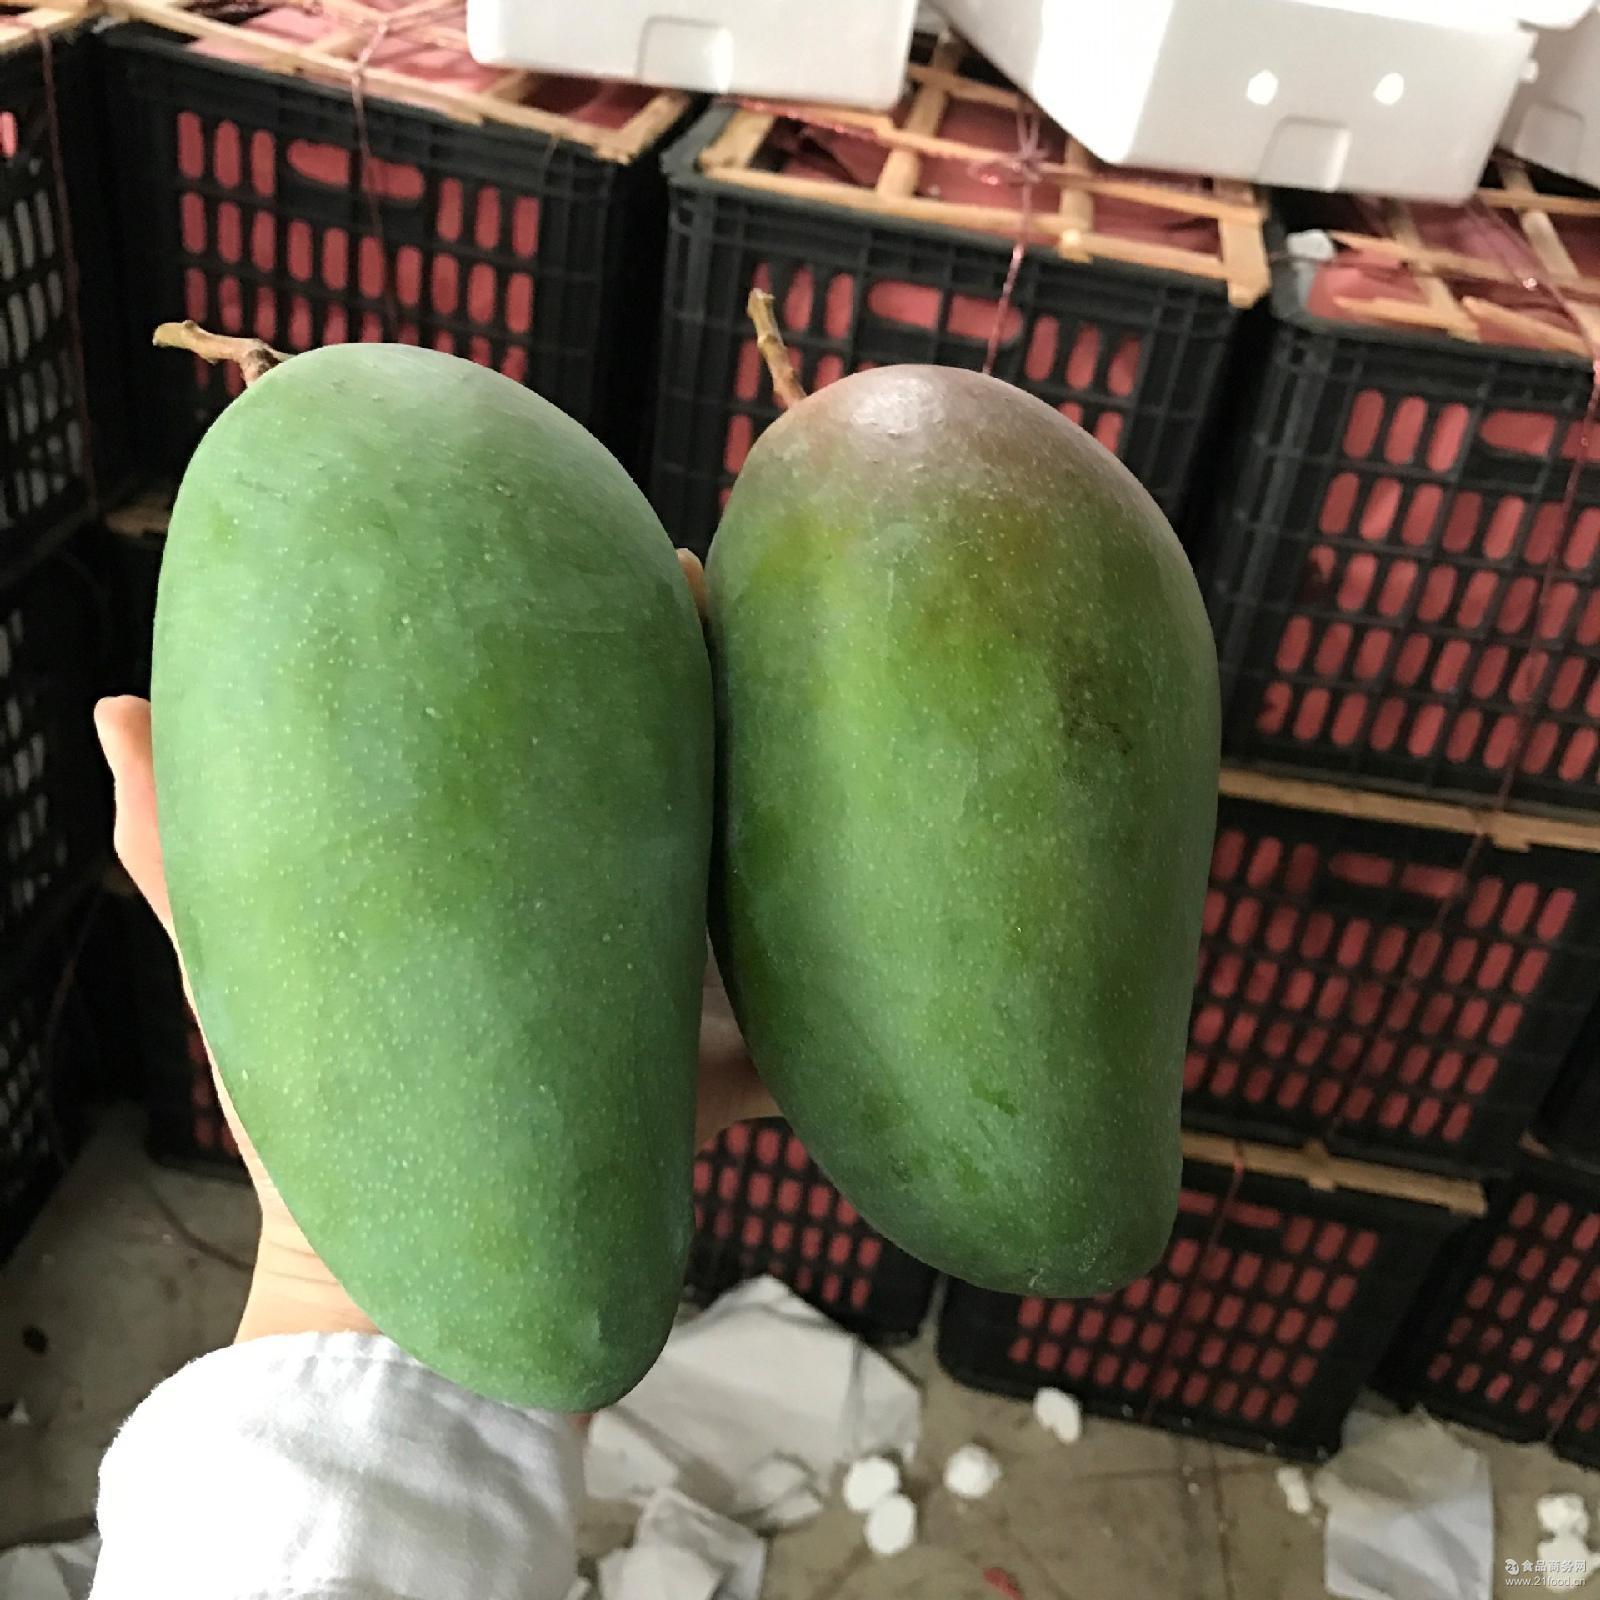 青皮金煌芒热带水果个头大肉厚核小香甜 芒果新鲜水果 海南大青芒